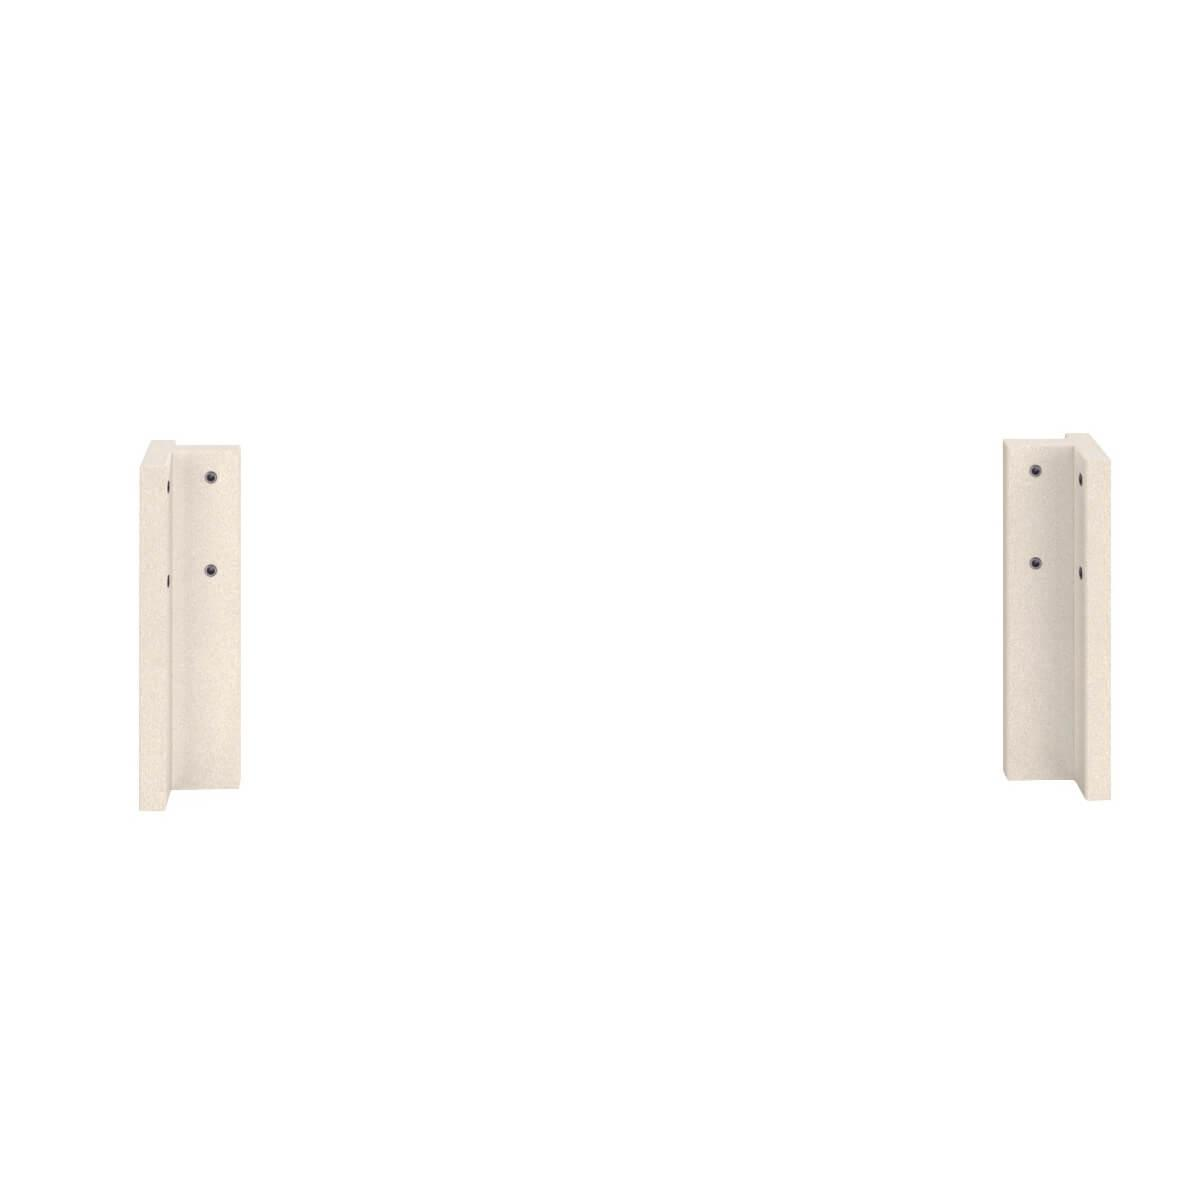 Eckpfosten klein 35cm 2-Stück Bettzubehör DESTYLE de Breuyn Buche massiv weiß gebeizt-lackiert